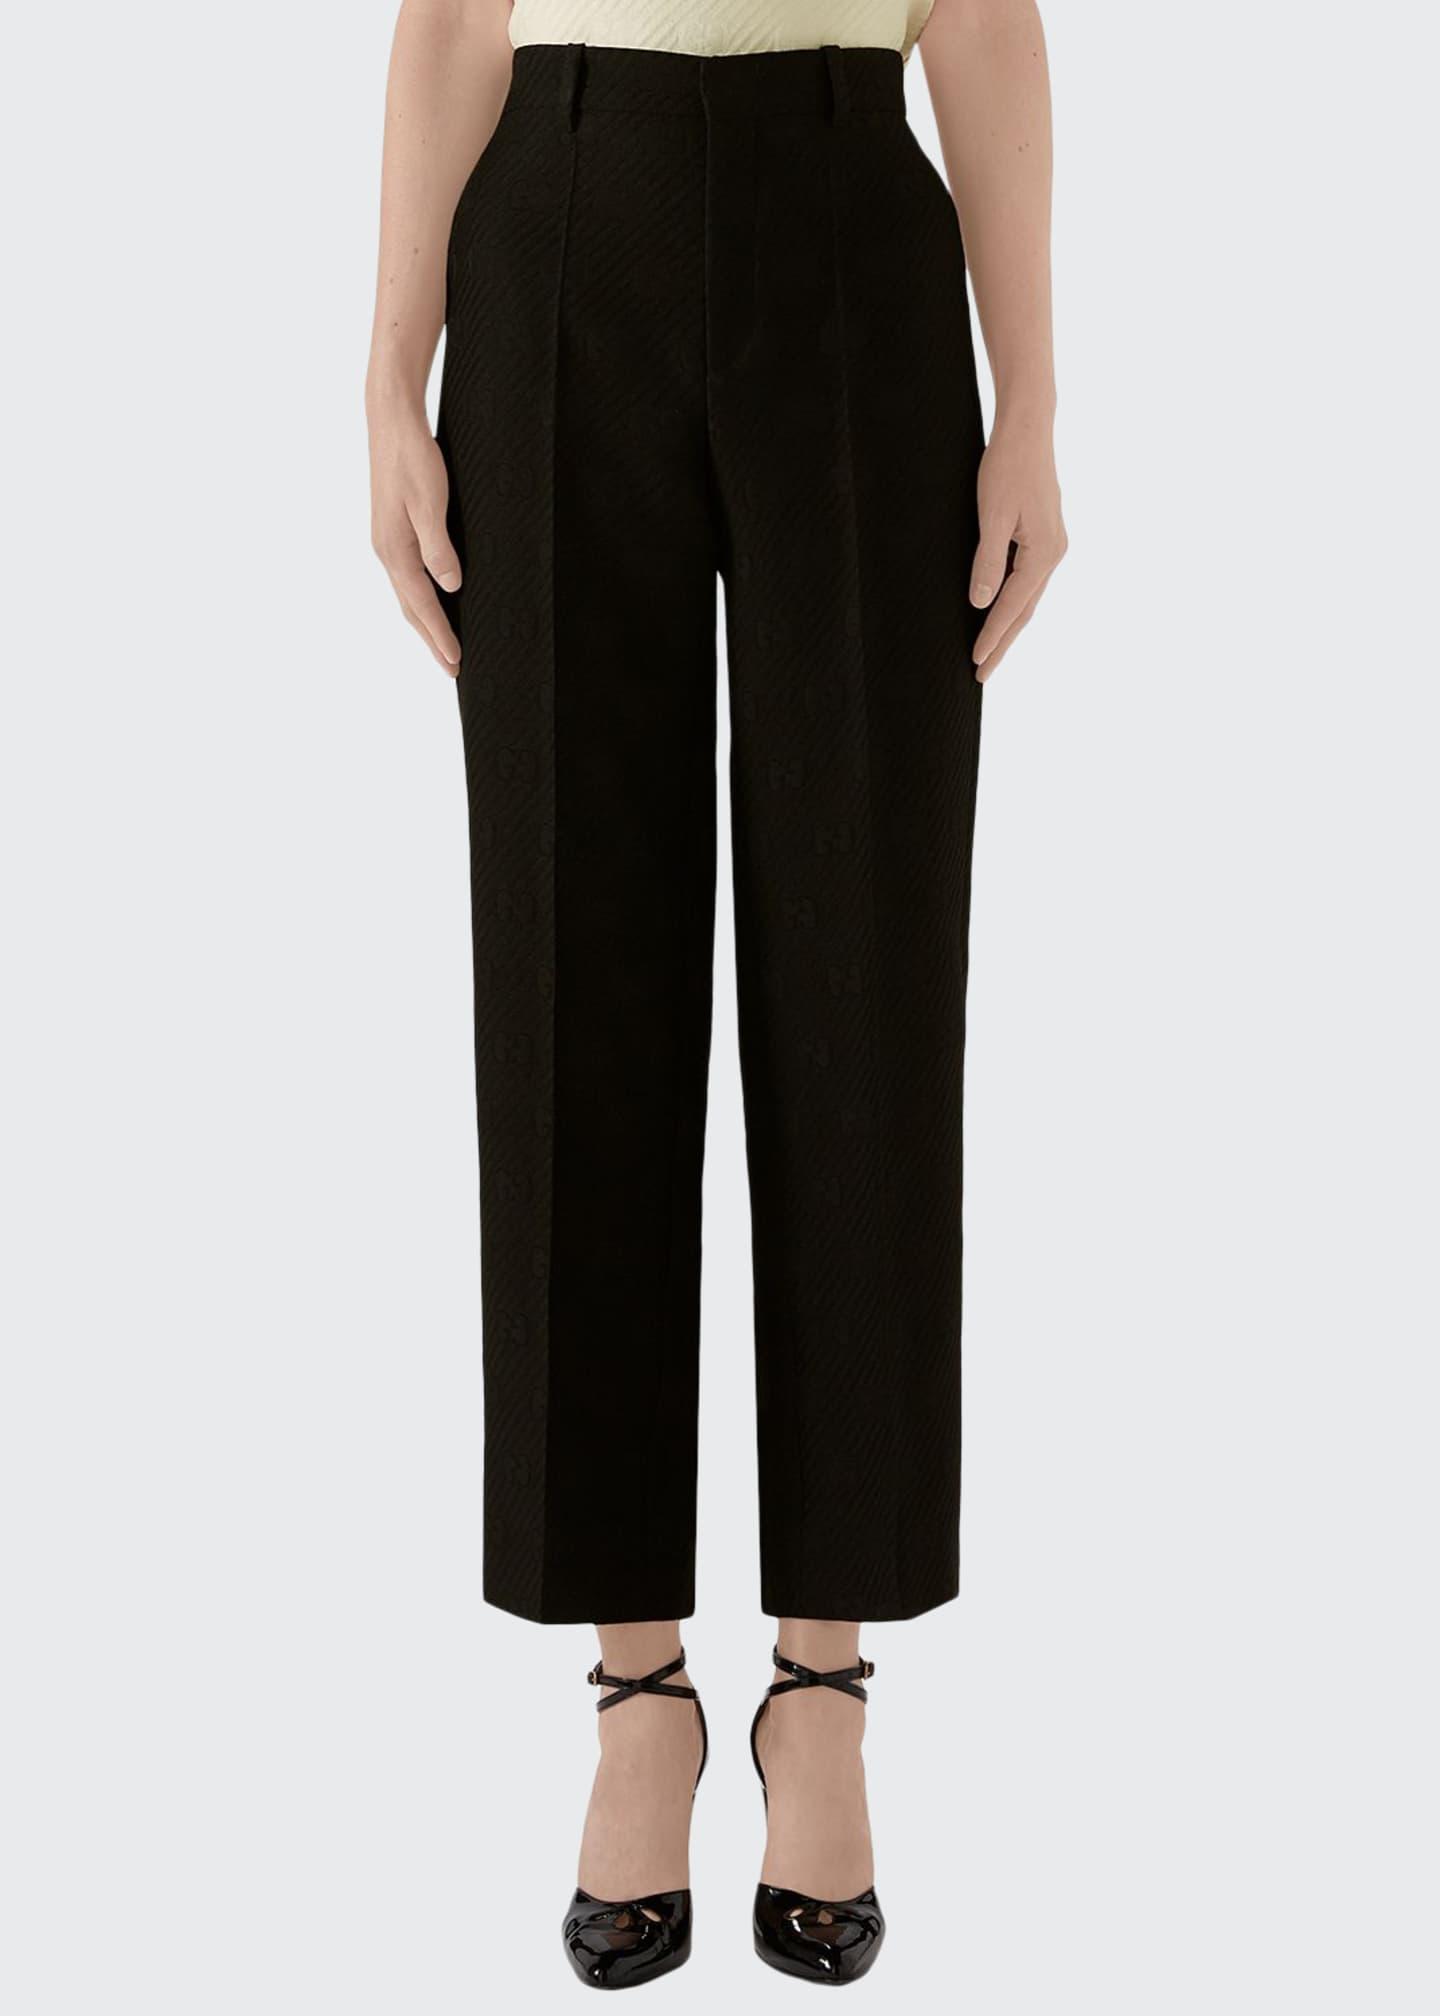 Gucci Diagonal GG Stripe Wool/Silk Pants